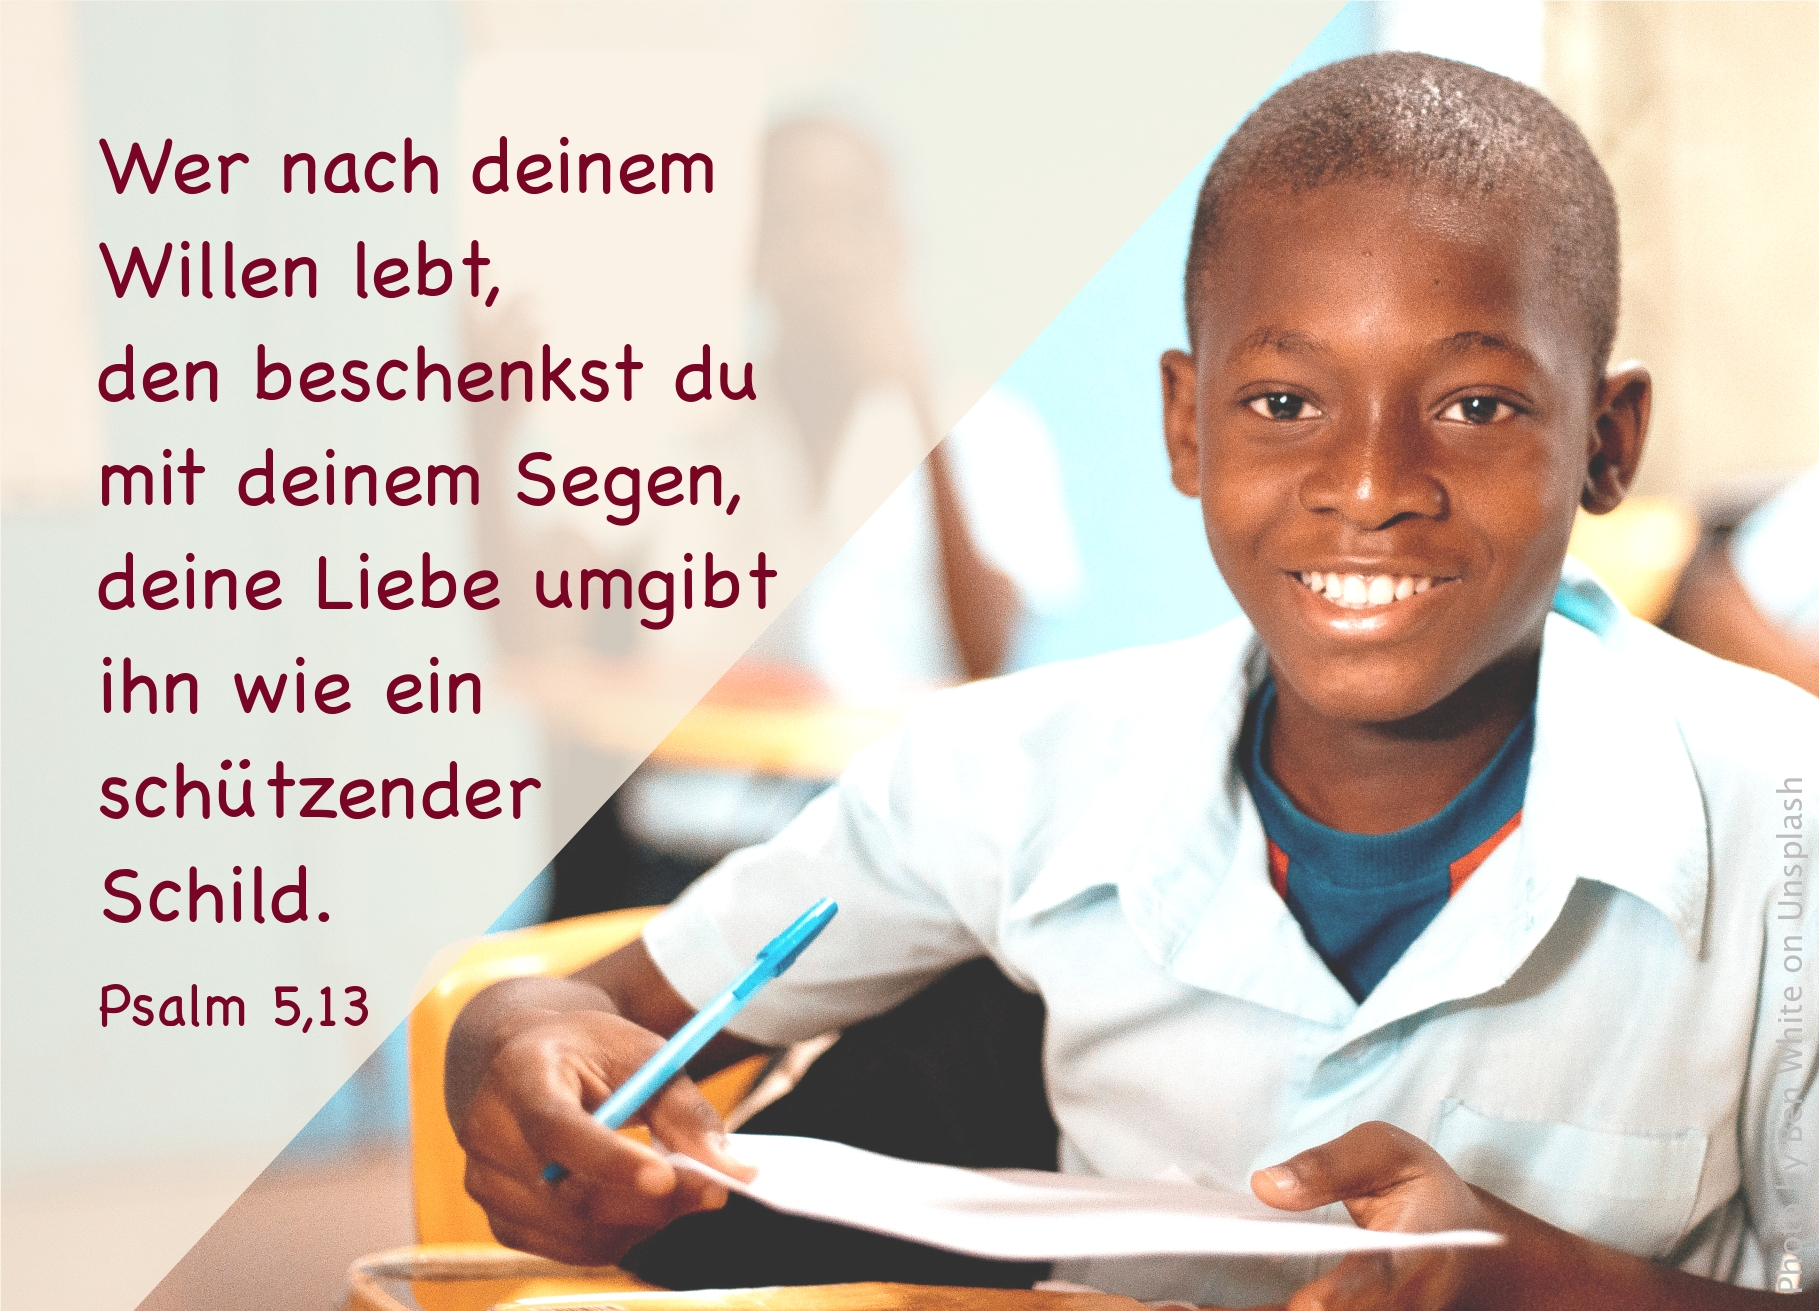 """alt=""""junge_sitzt_freudig_laechelnd_am_schultisch_erwartet_bibelhoerbuch_jesus_und_die_frau_am_brunnen"""""""